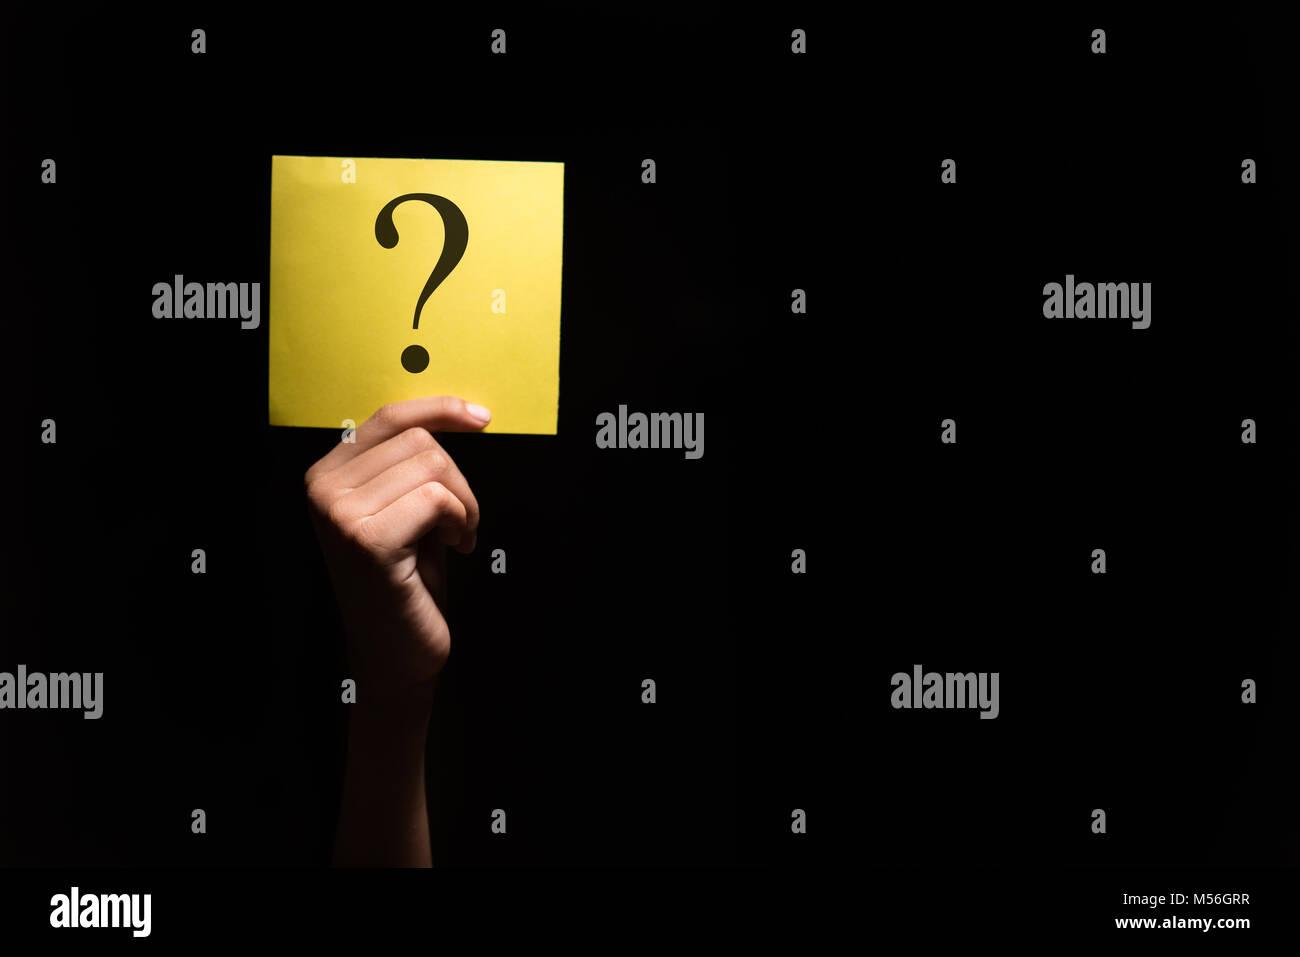 Mano sujetando un papel amarillo con el signo de interrogación en un fondo oscuro Imagen De Stock